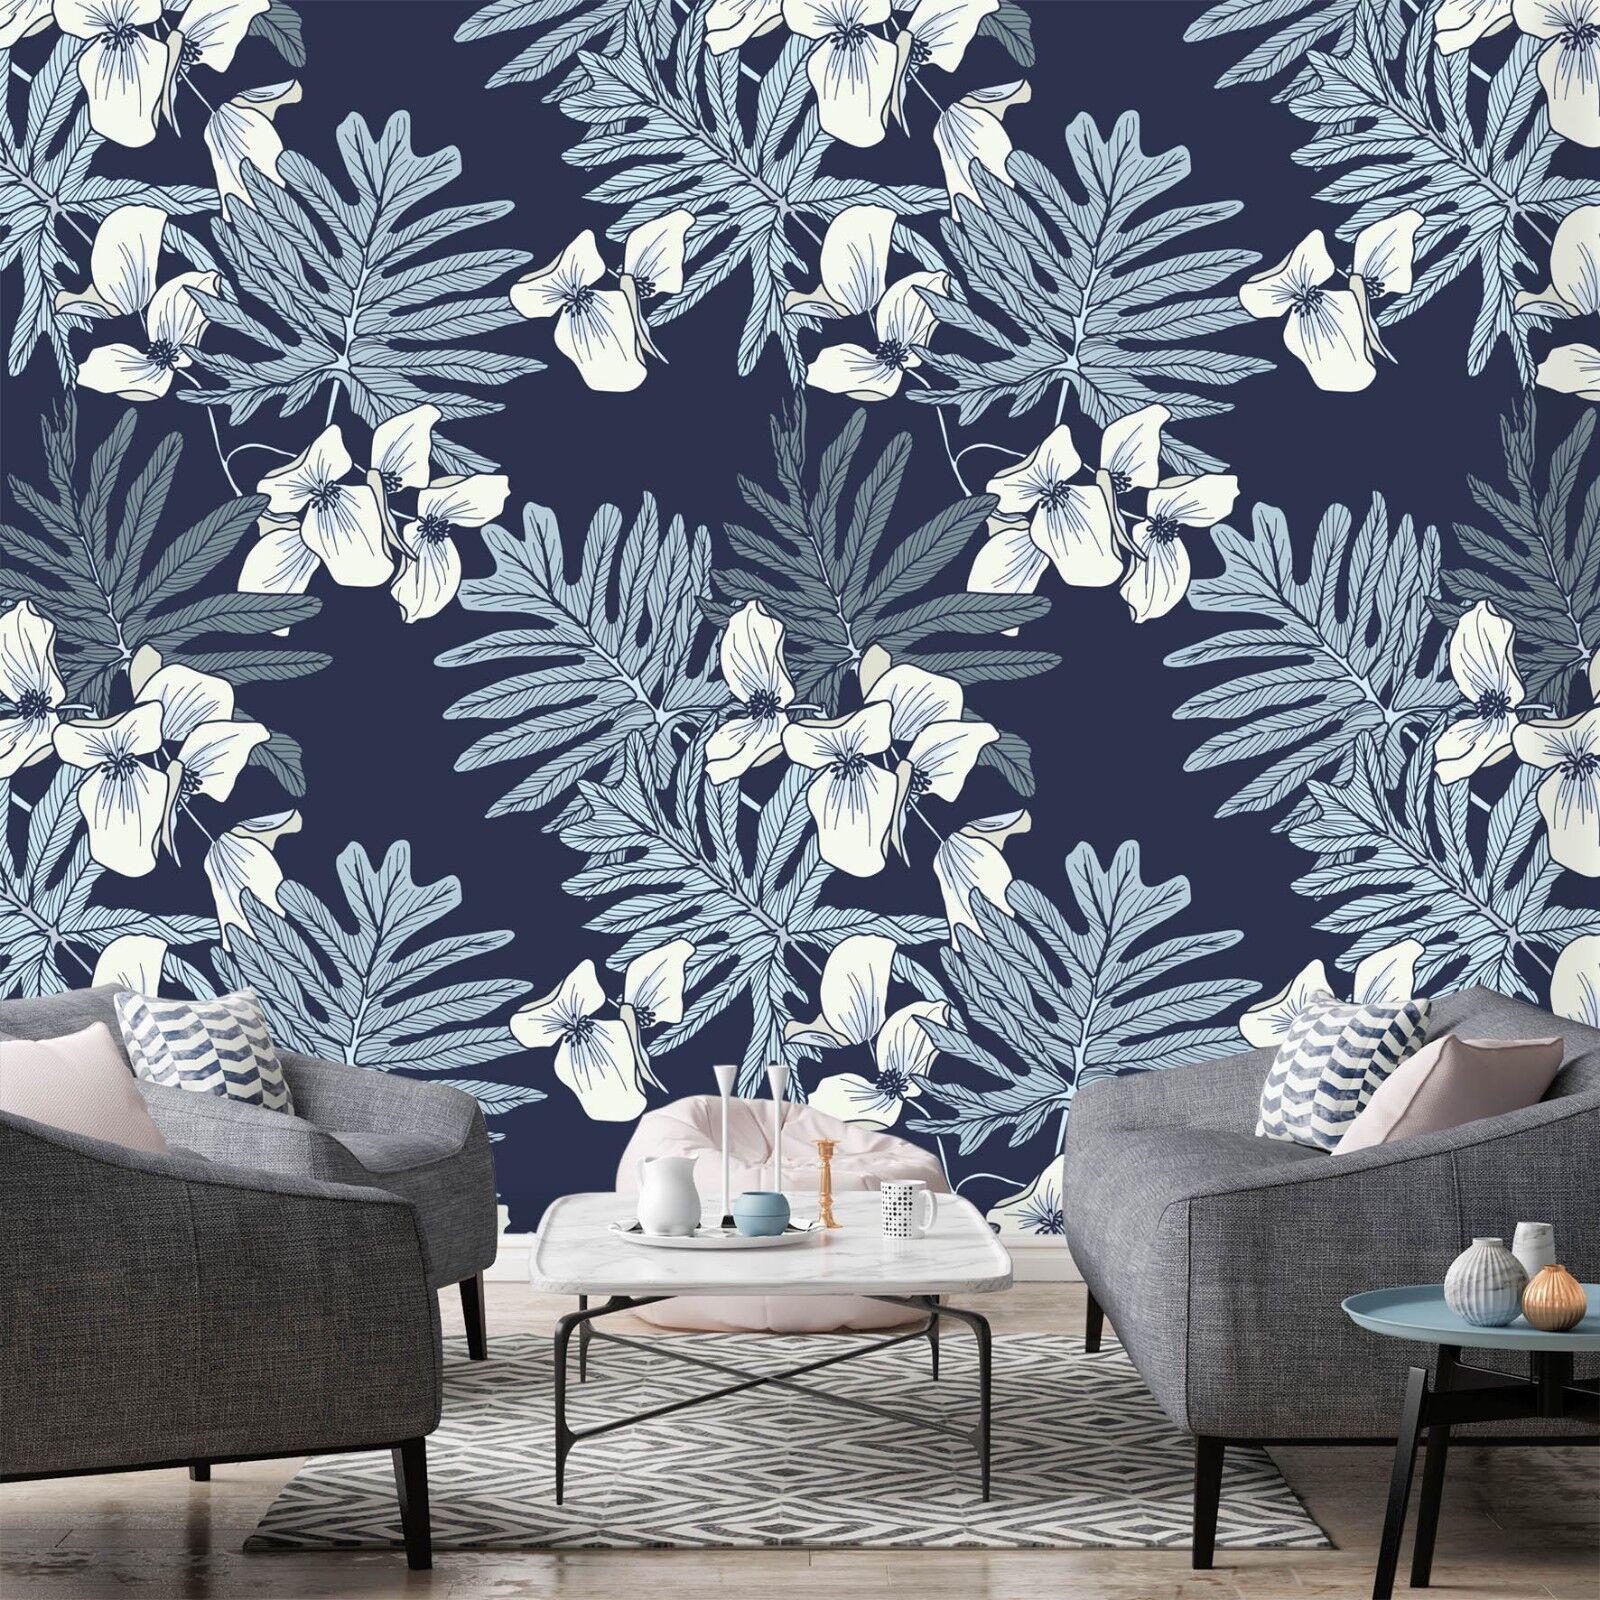 3D Petals Blau Leaves 5 Wall Paper Wall Print Decal Wall Deco Indoor Wall Murals